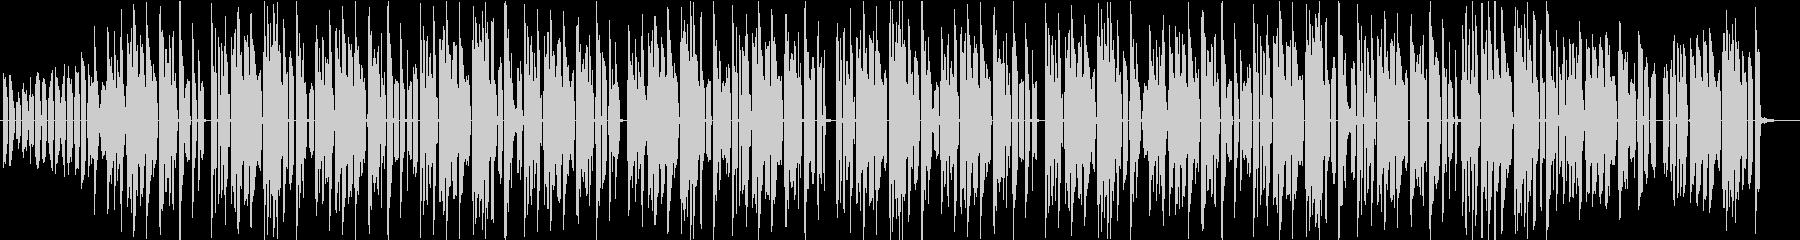 幻想的なチルホップの未再生の波形